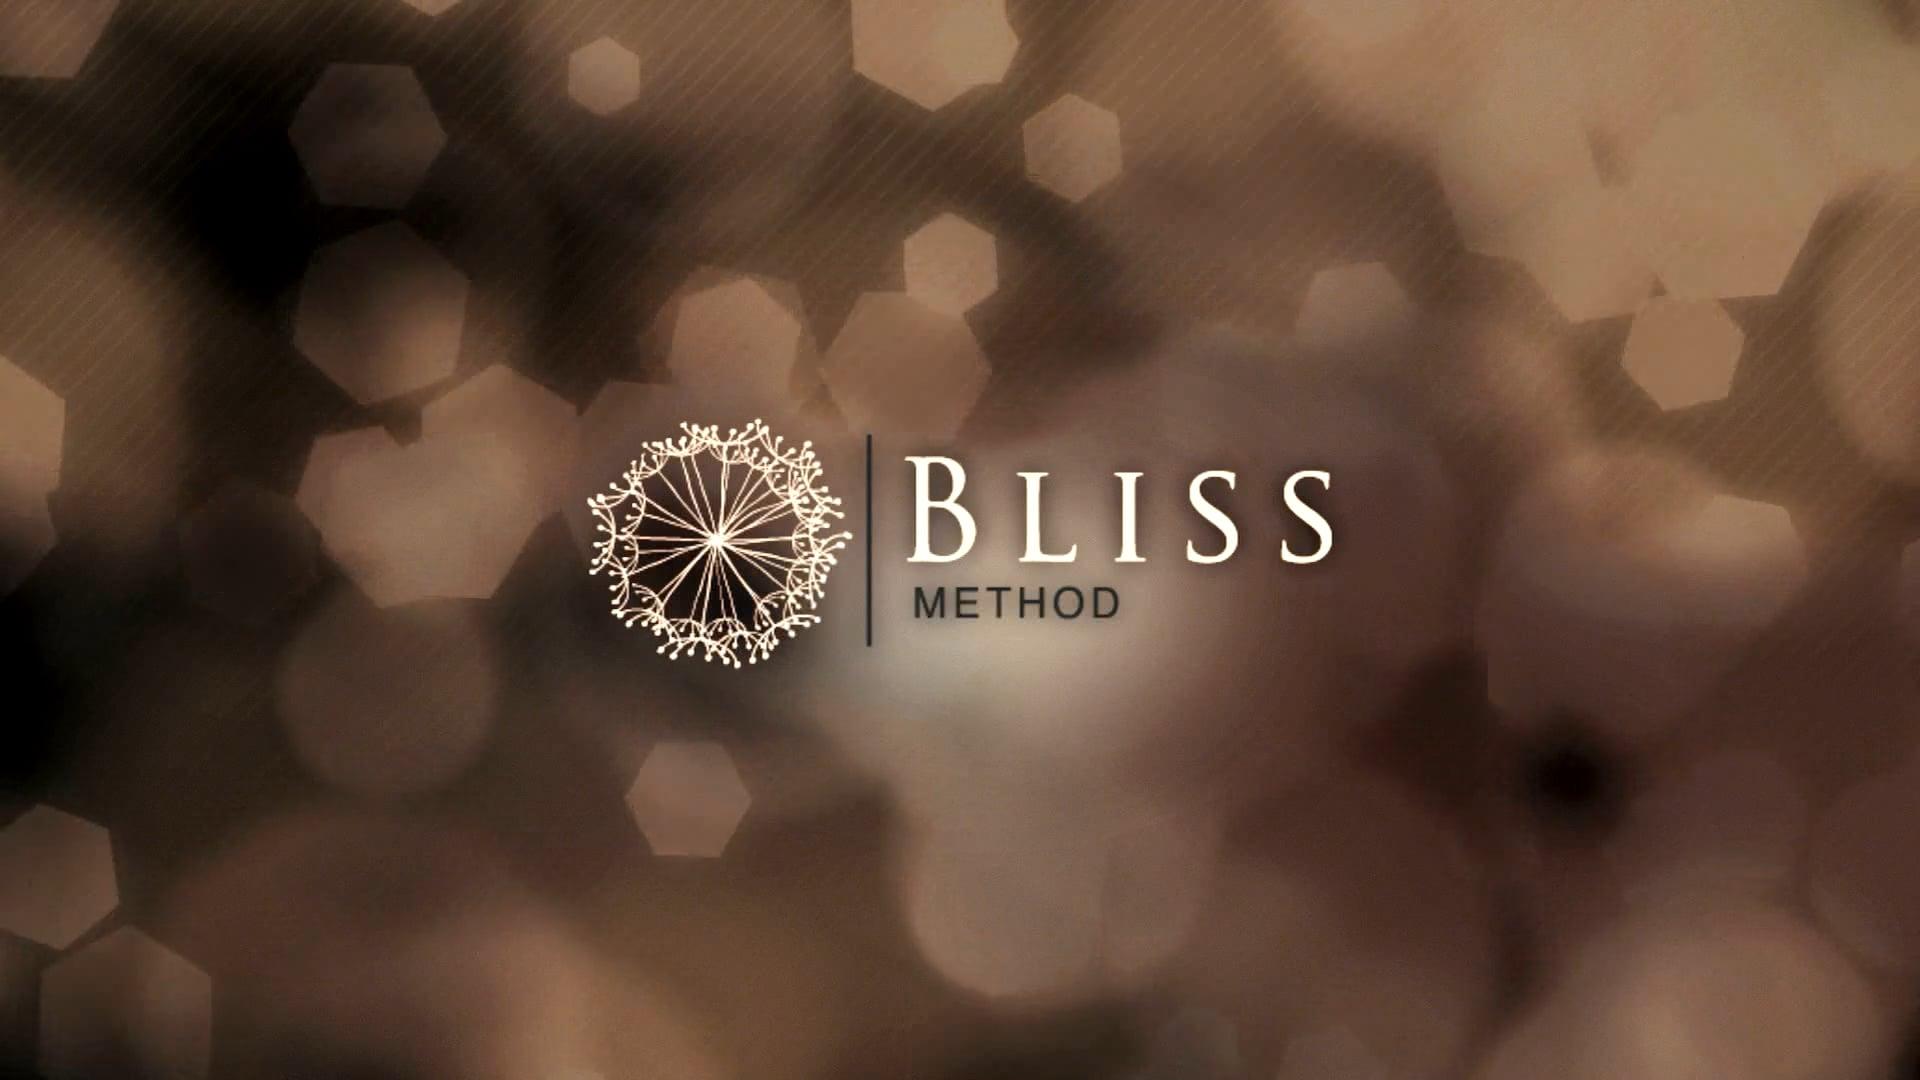 Bliss סרטון מקורס דיגיטלי של